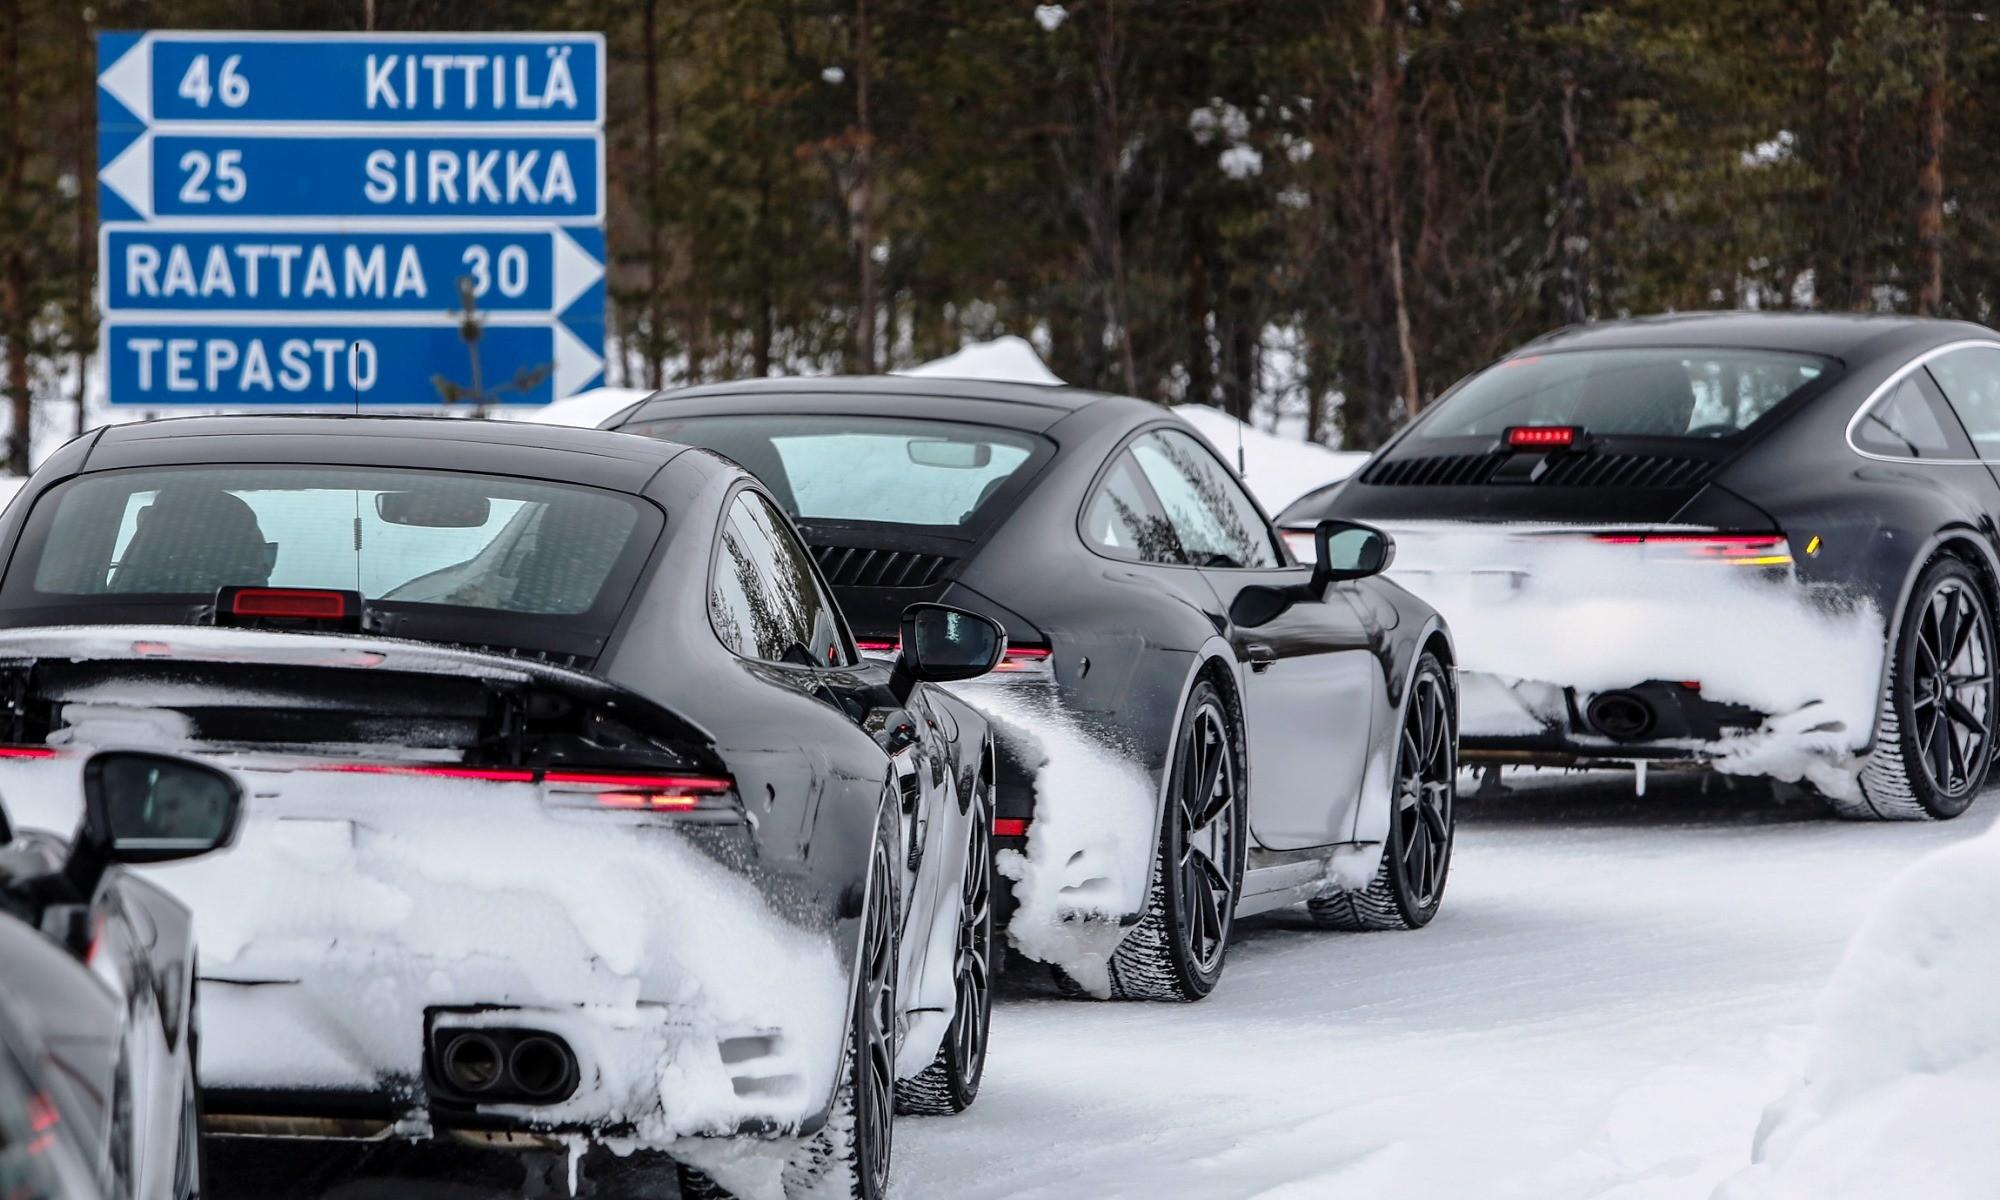 New Porsche 911 in Finland